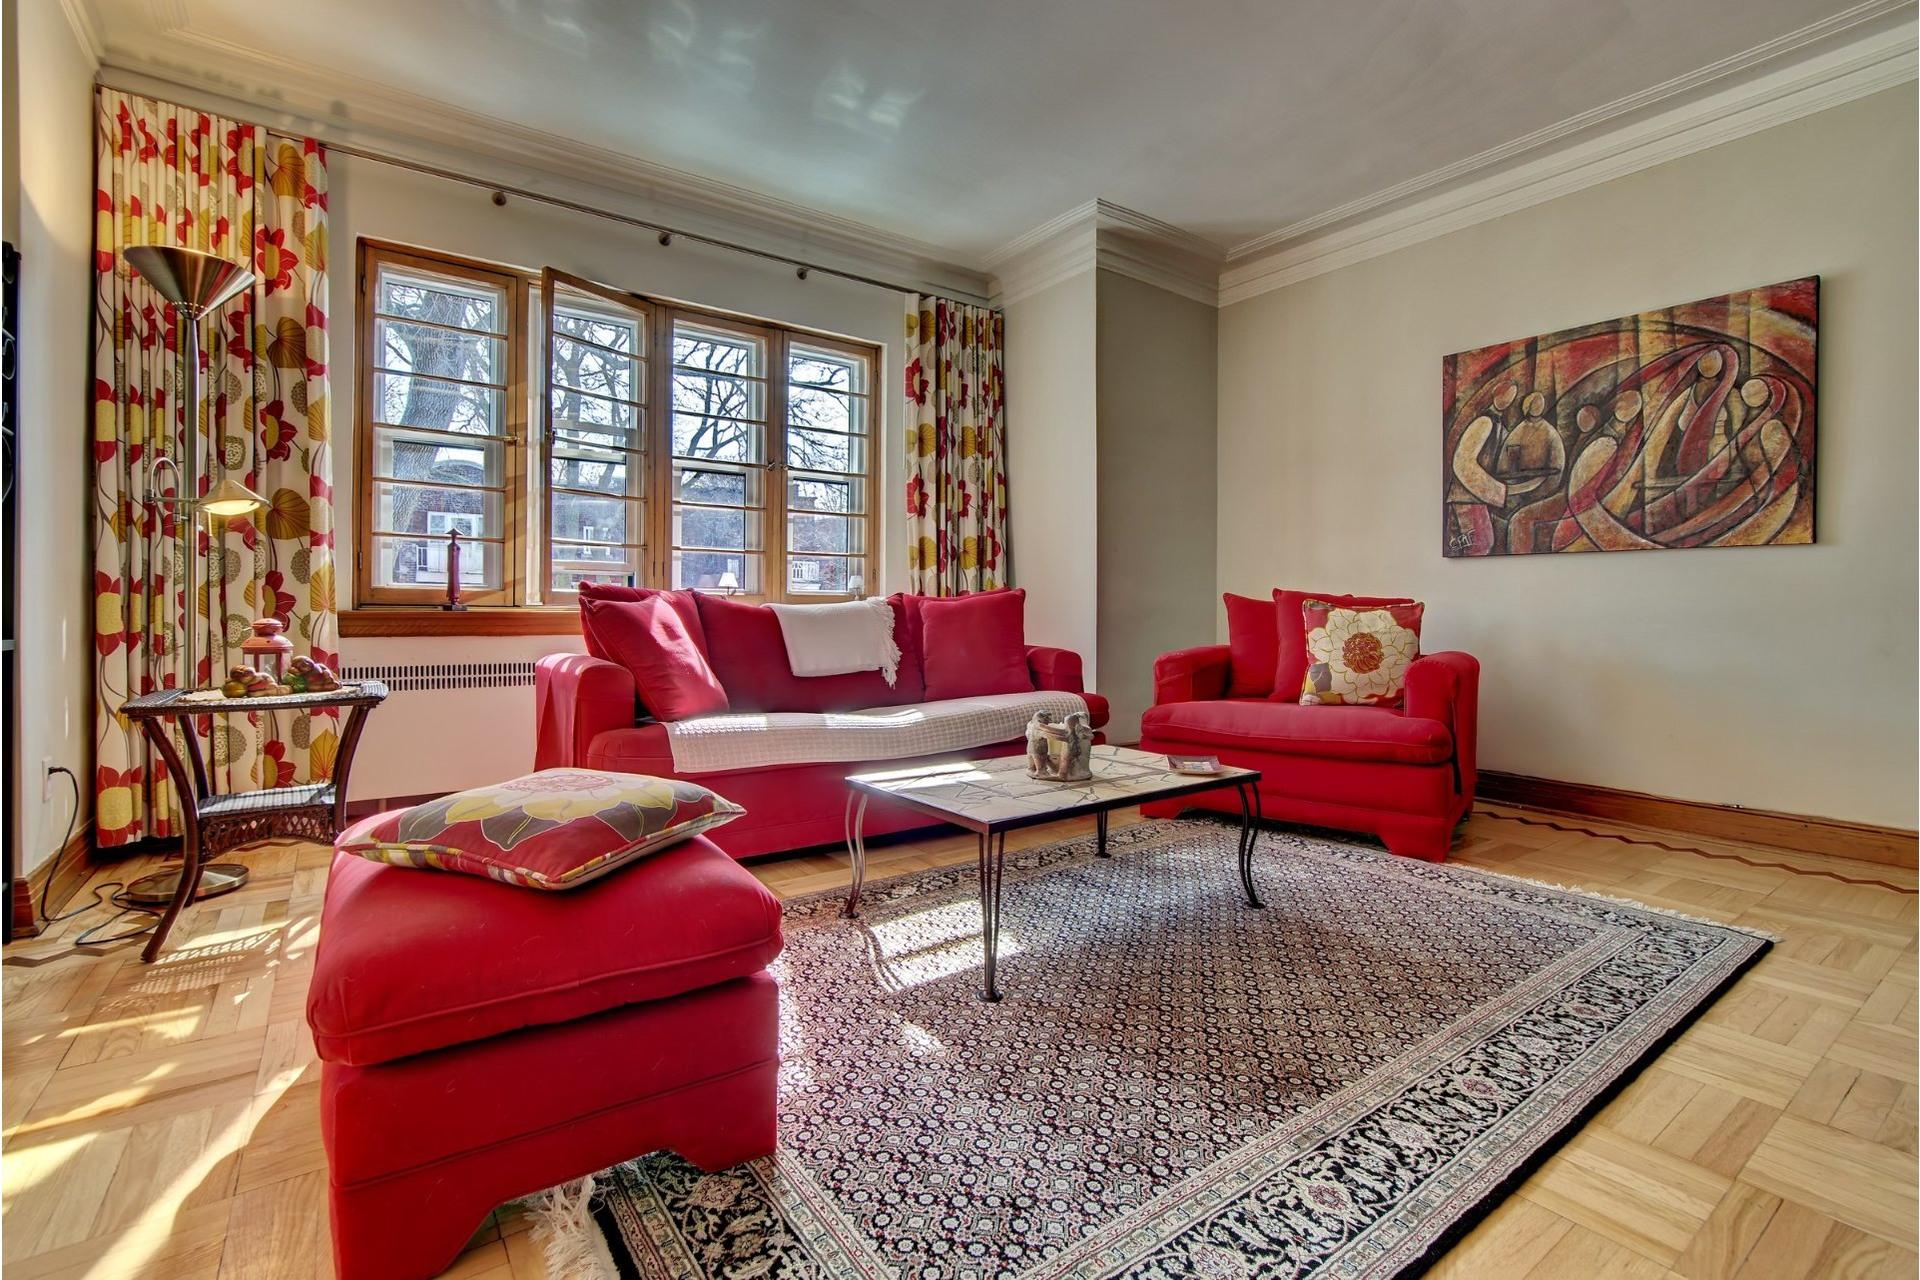 image 5 - Apartment For sale Montréal Outremont  - 10 rooms